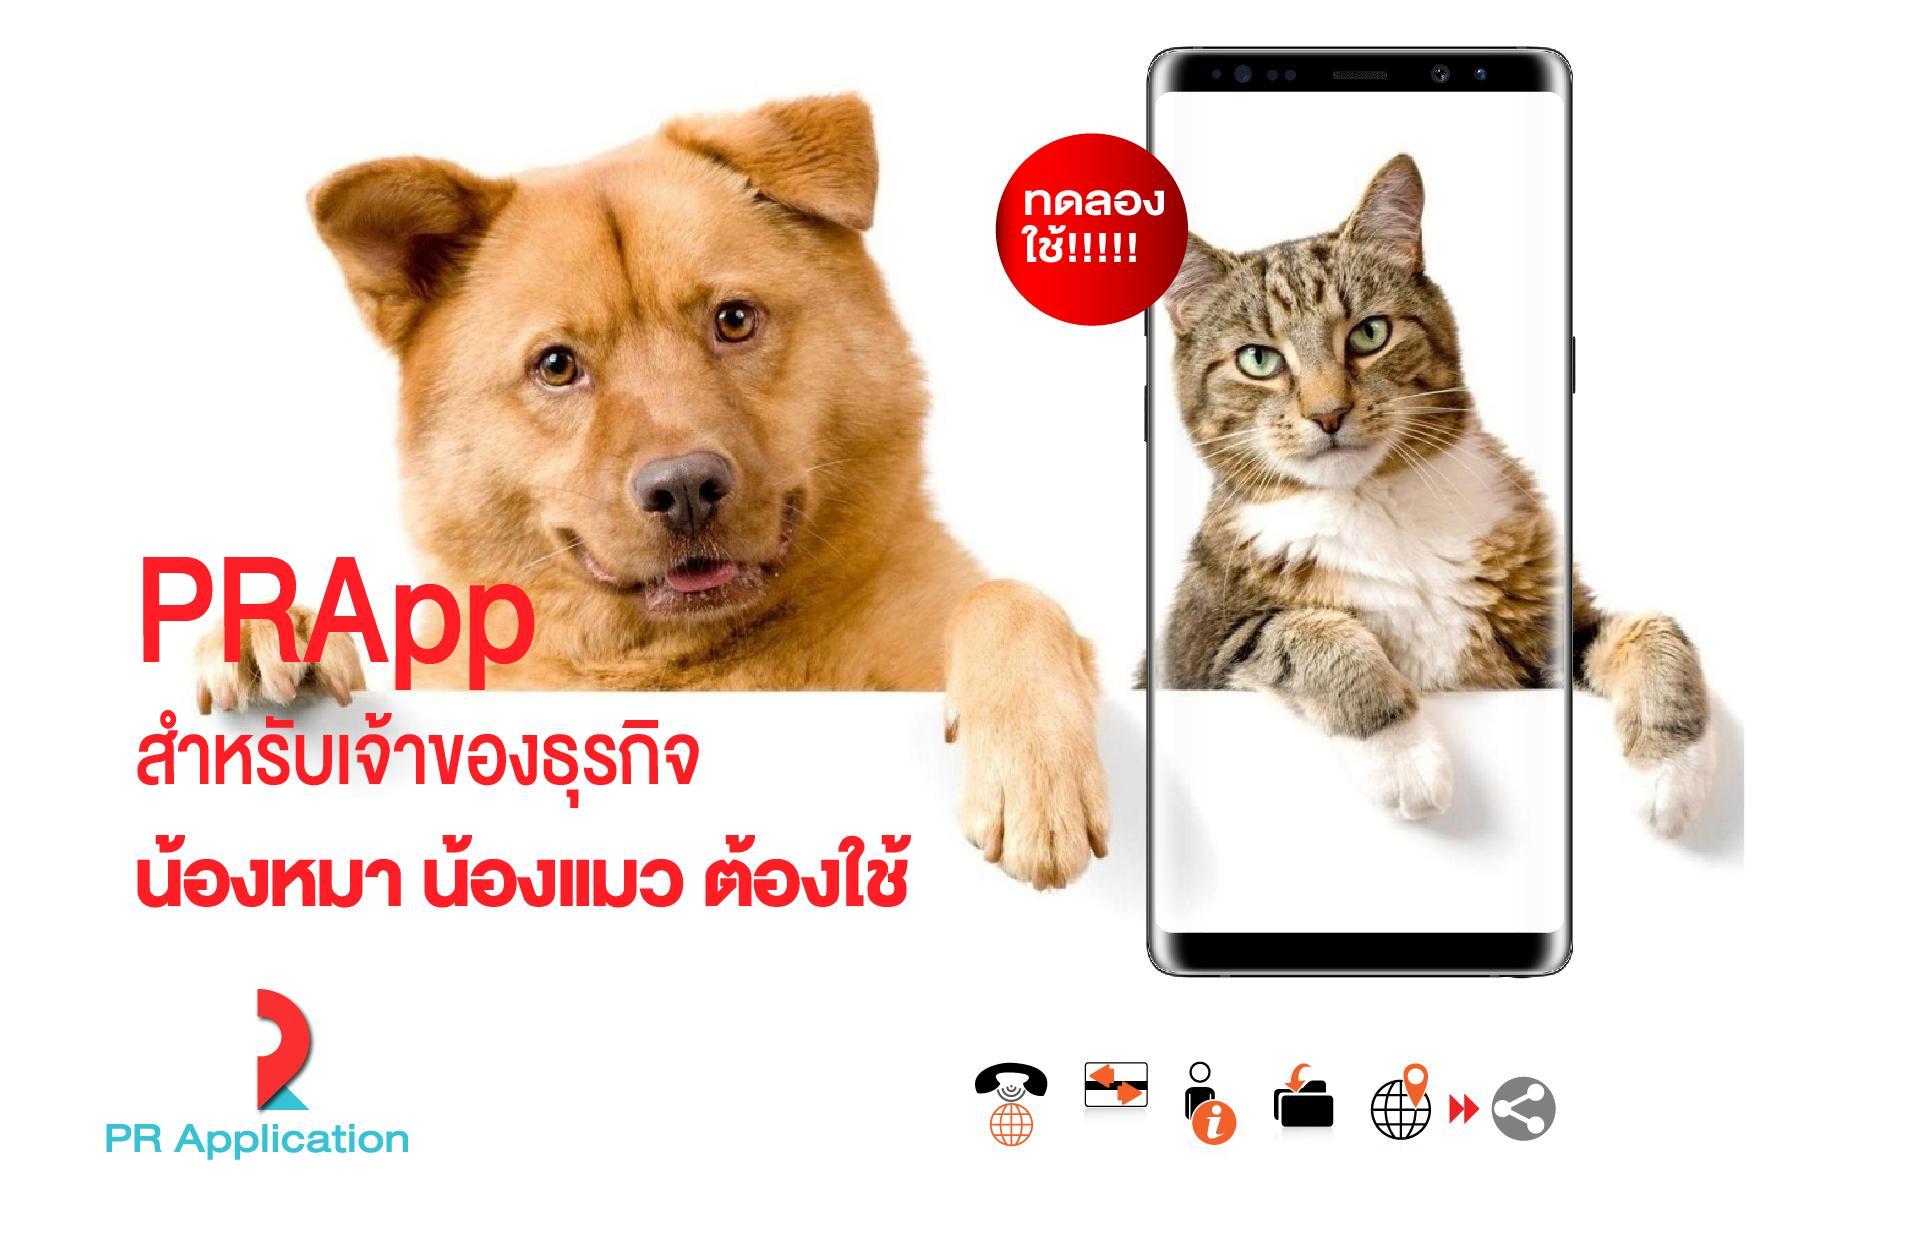 PR App สำหรับธุรกิจน้องหมา น้องแมว